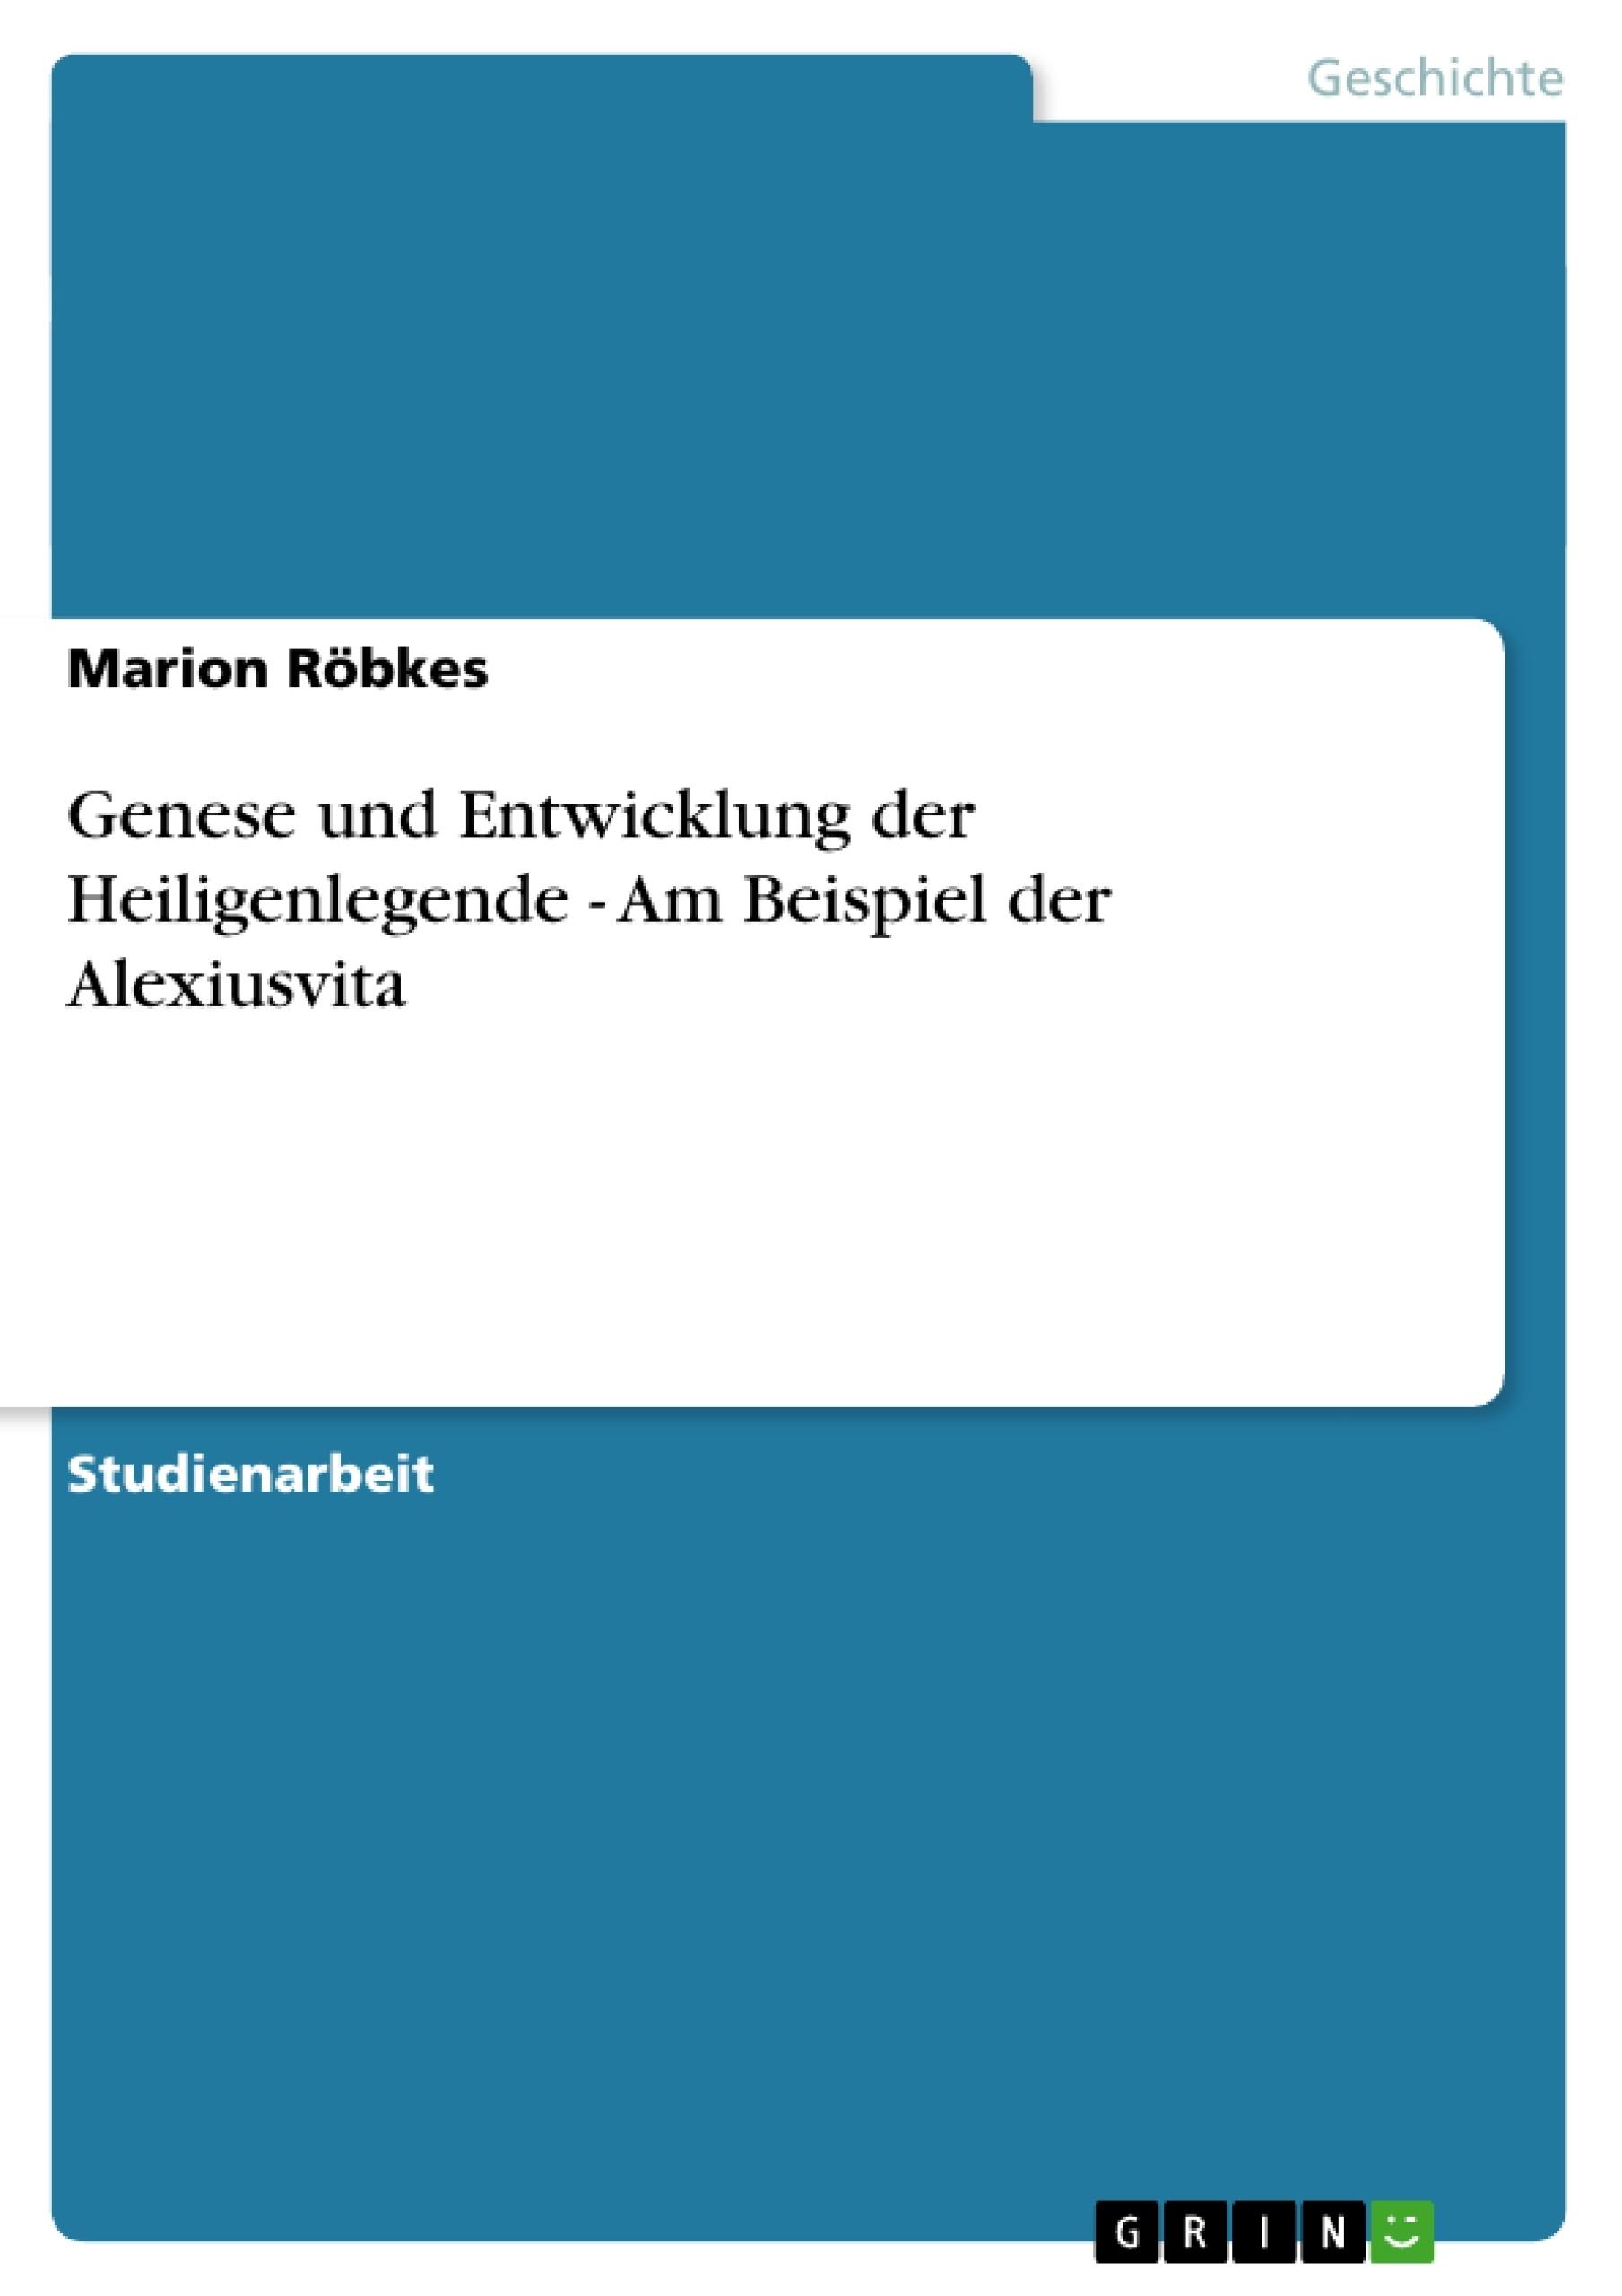 Titel: Genese und Entwicklung der Heiligenlegende - Am Beispiel der Alexiusvita